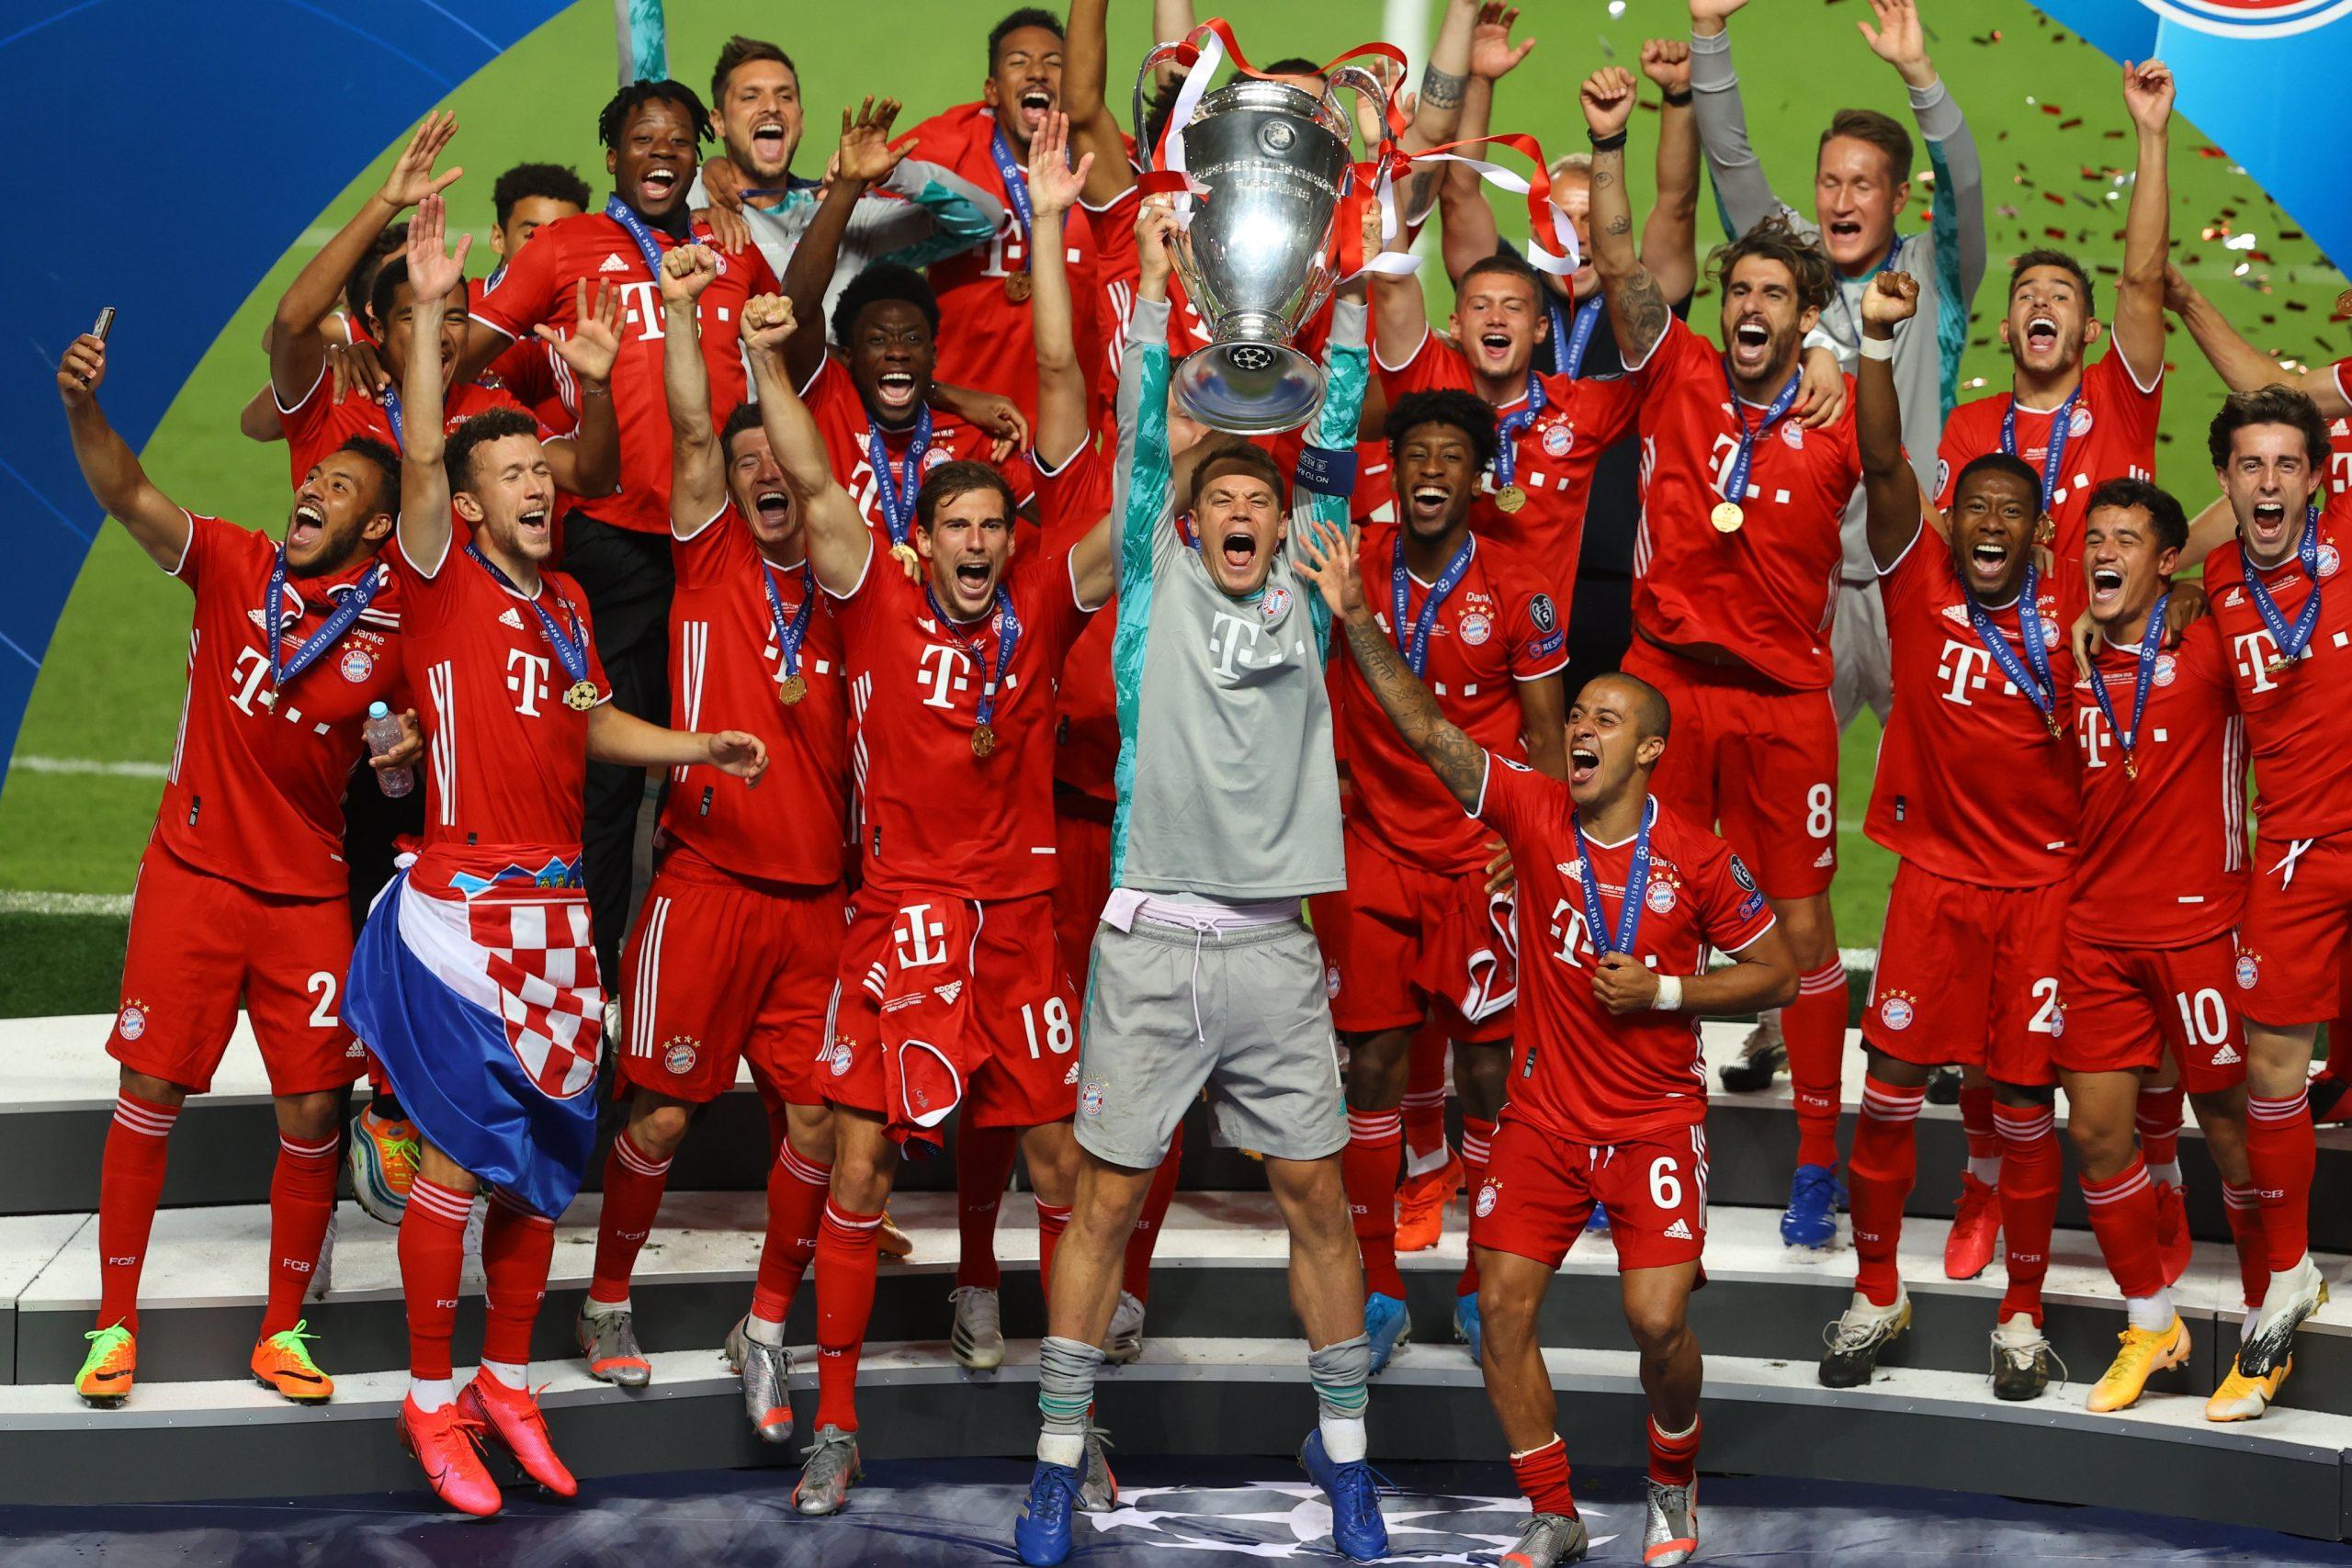 Bayern Munich wins Champions League